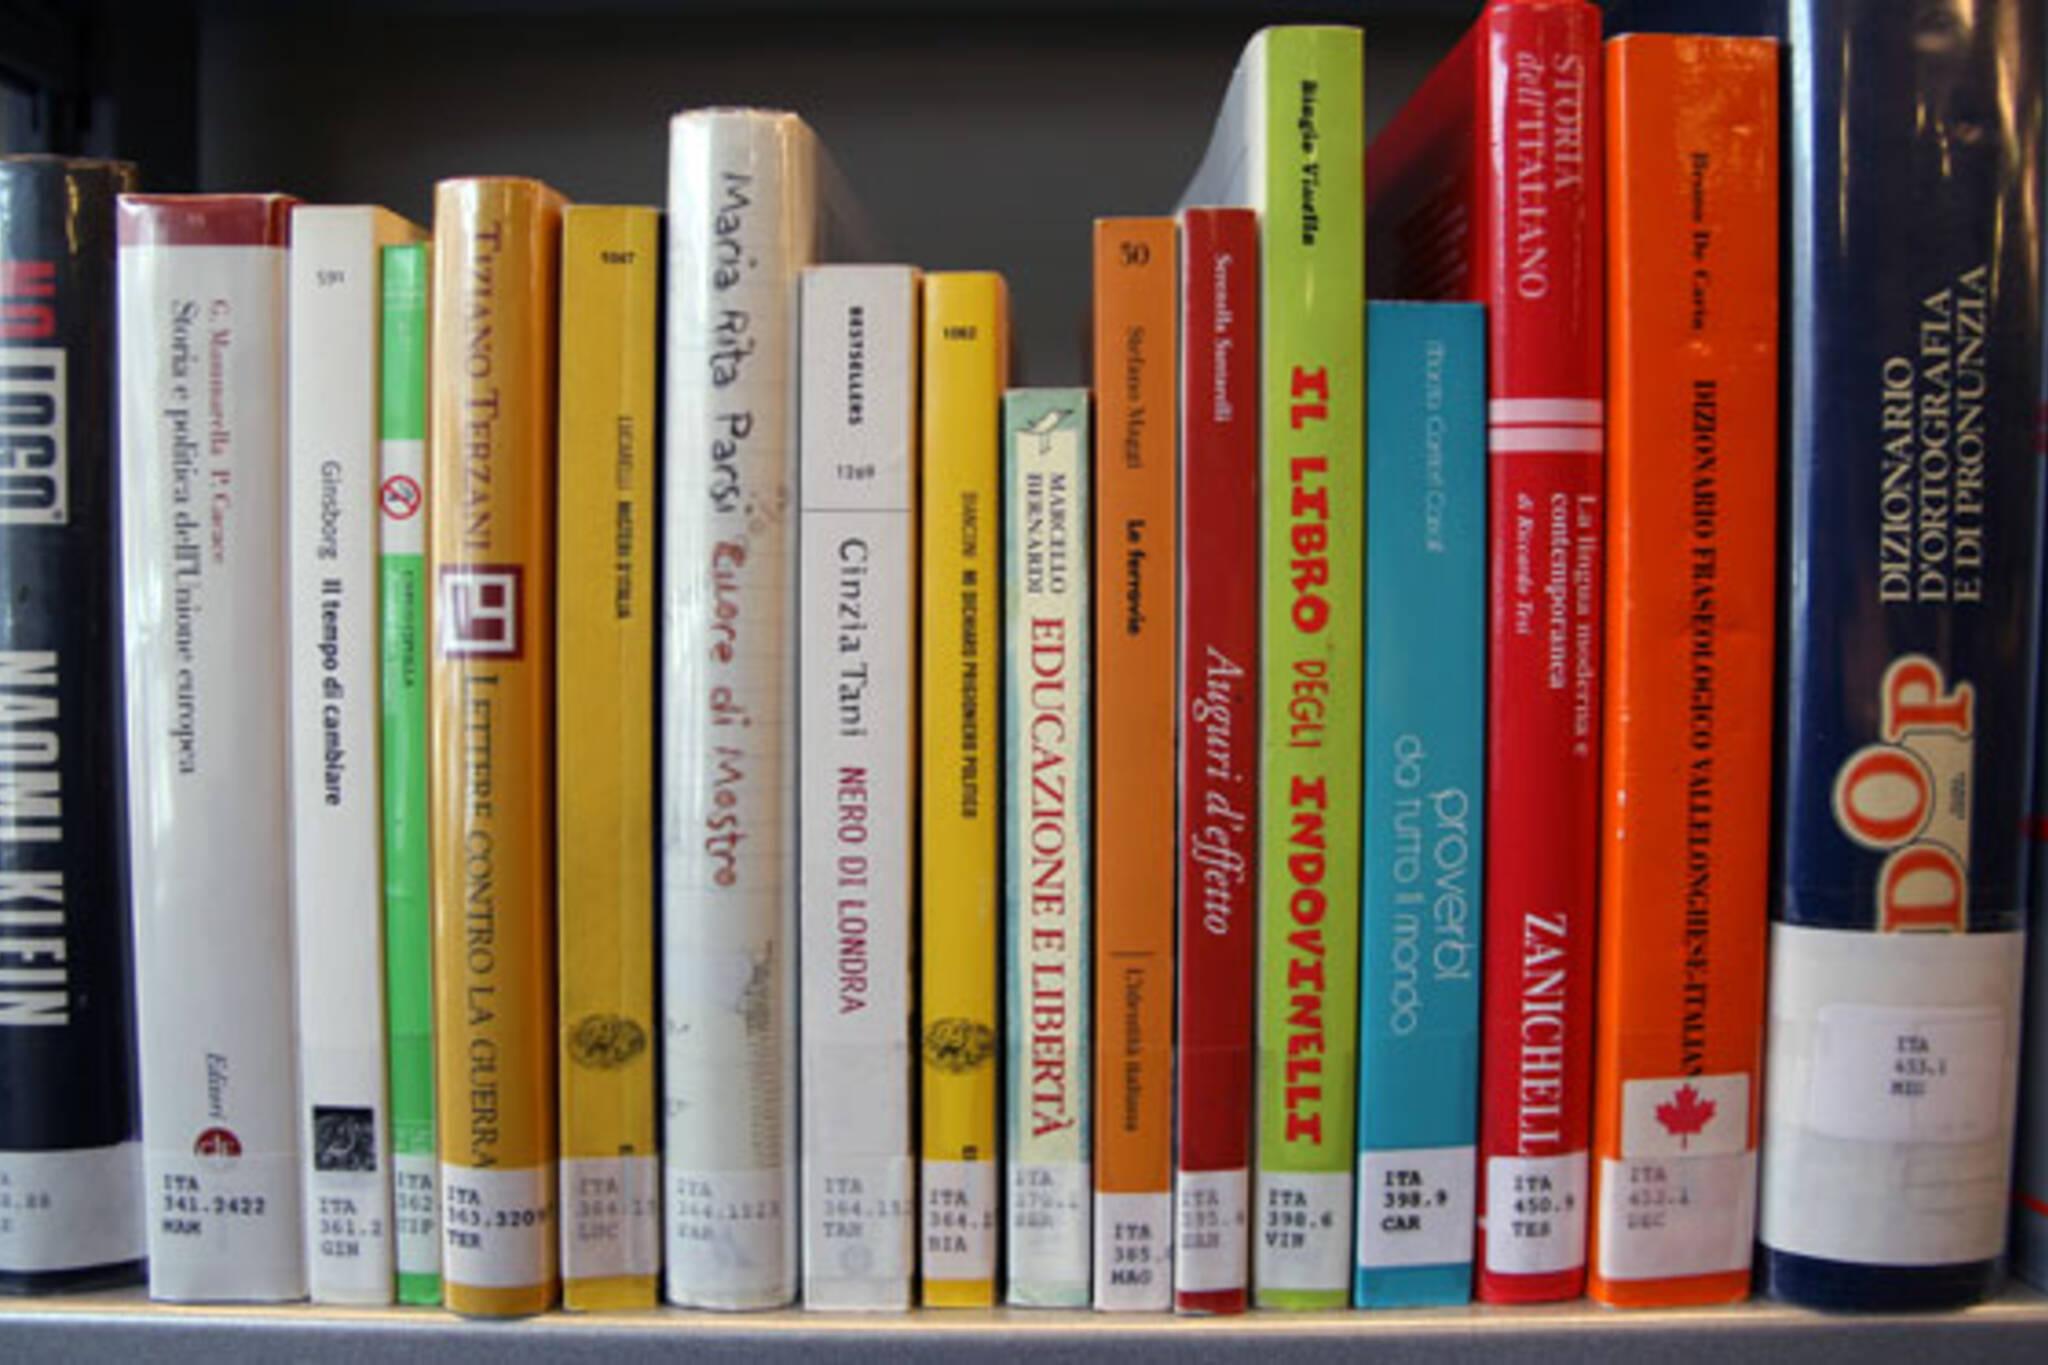 Italian Books Magazines Accessible Again